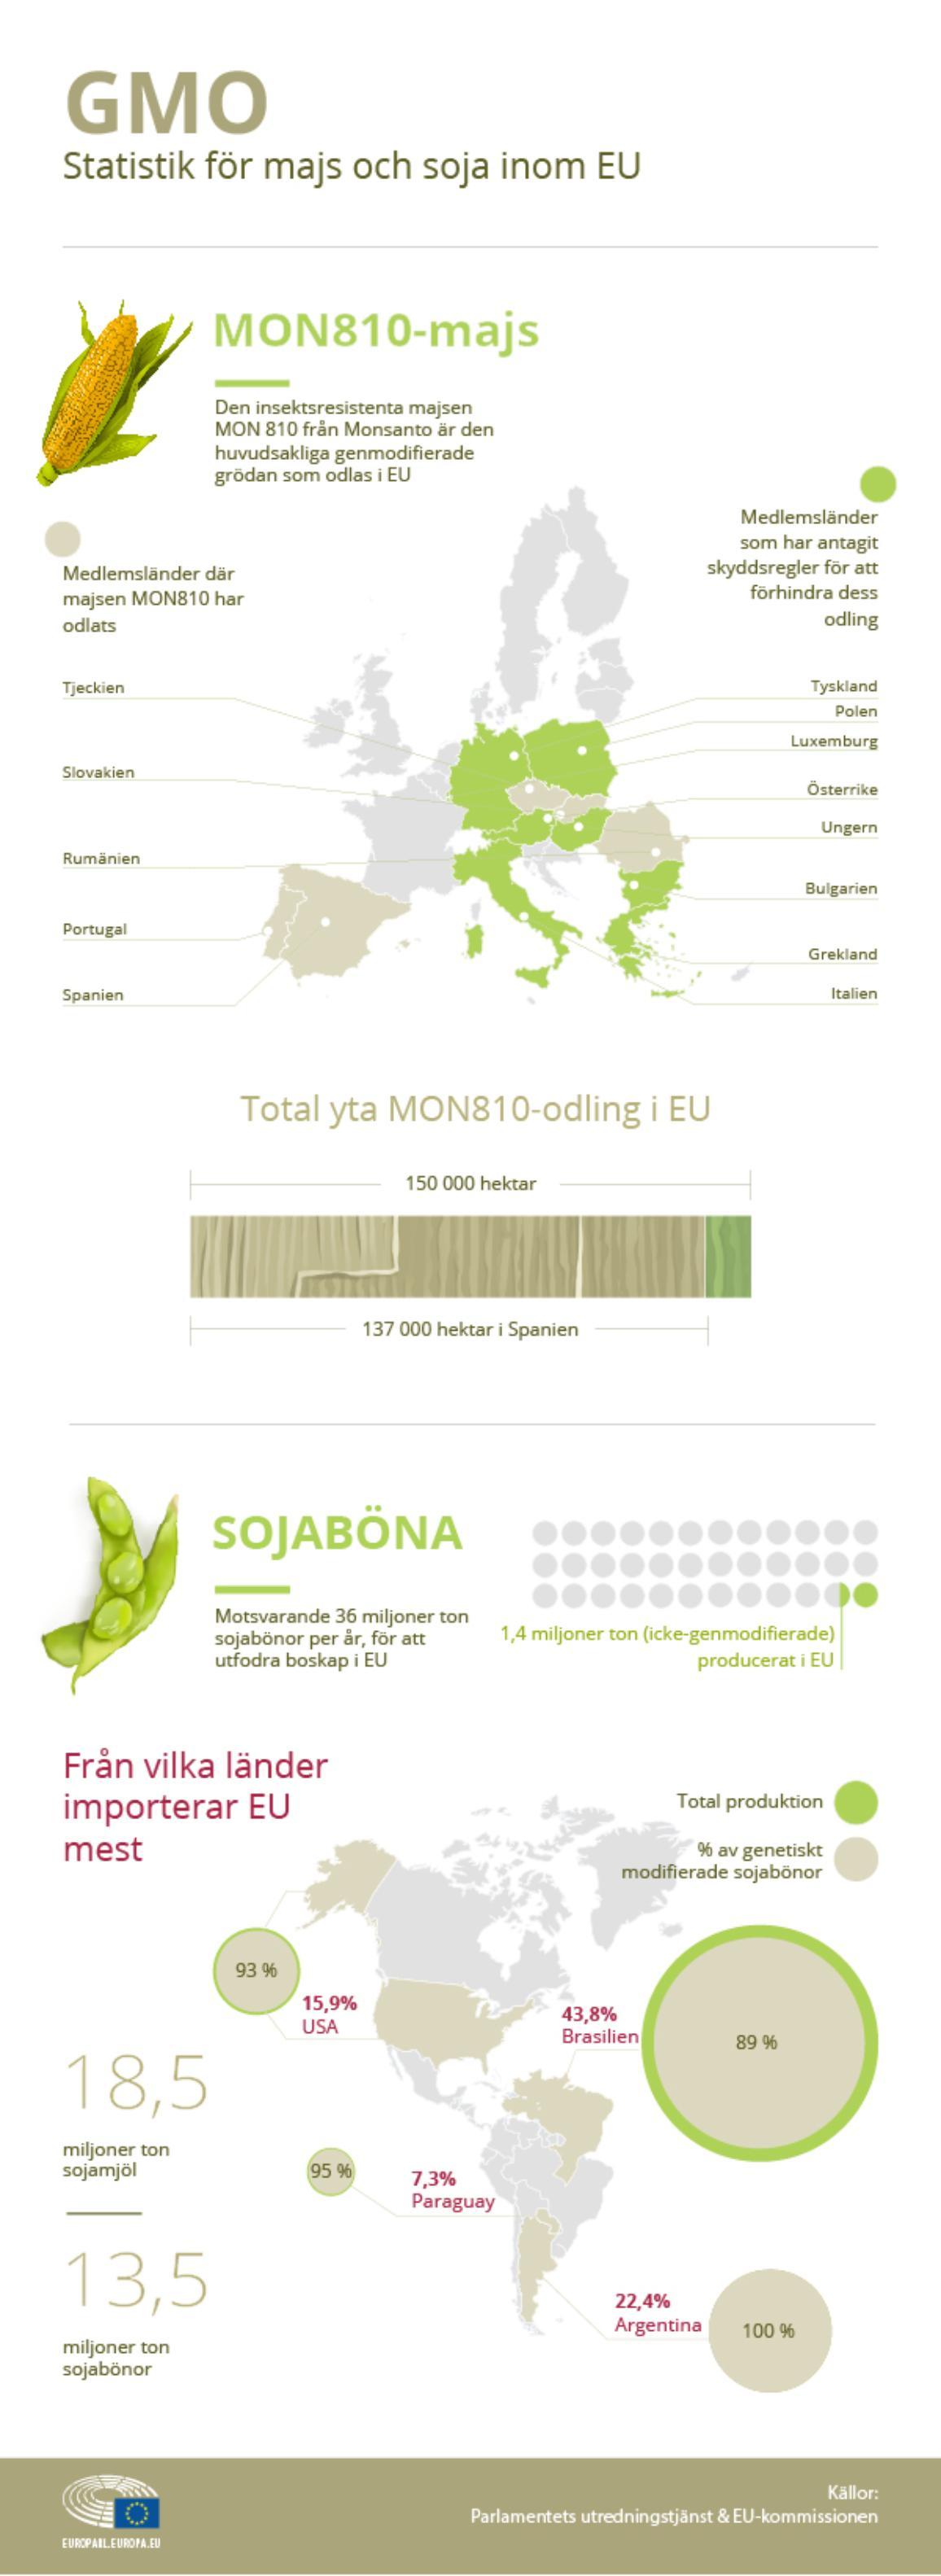 Nyhetsgrafik om förekomsten av GMO i EU